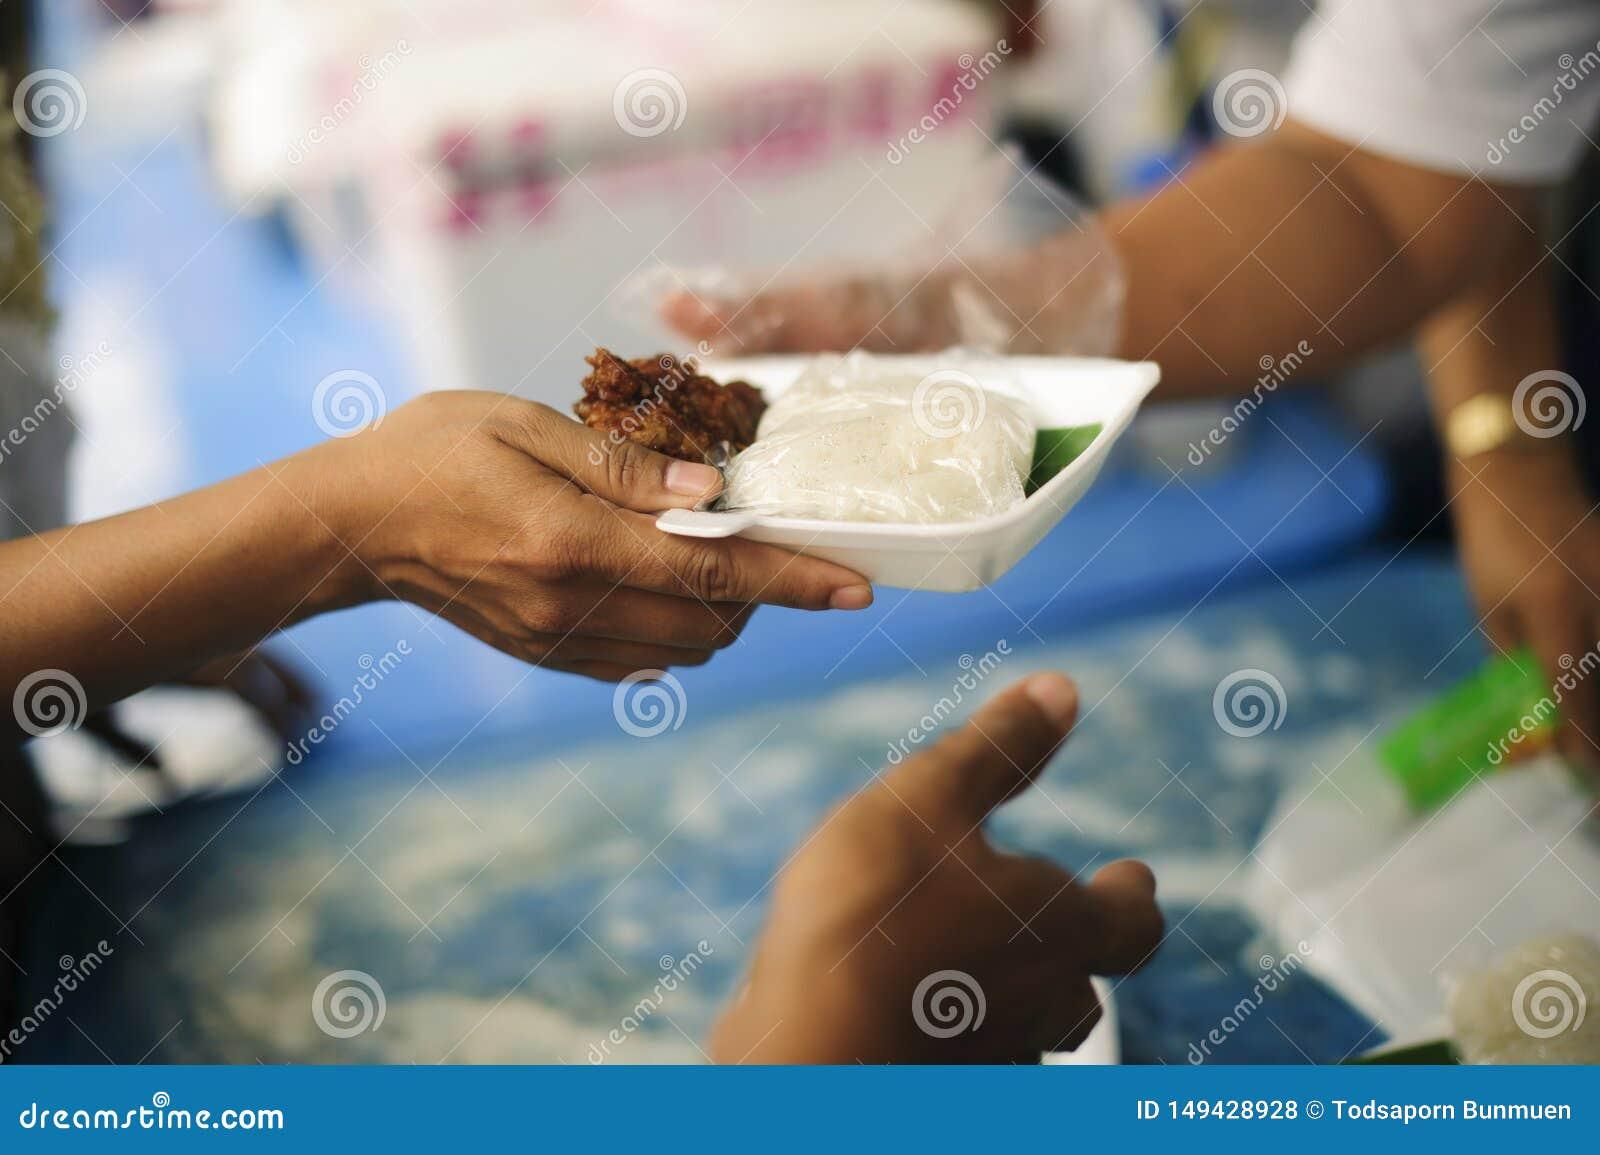 Έννοια των τροφίμων που μοιράζονται για τους φτωχούς για να ανακουφίσουν την πείνα: Κοινωνικά προβλήματα της ένδειας που ενισχύον